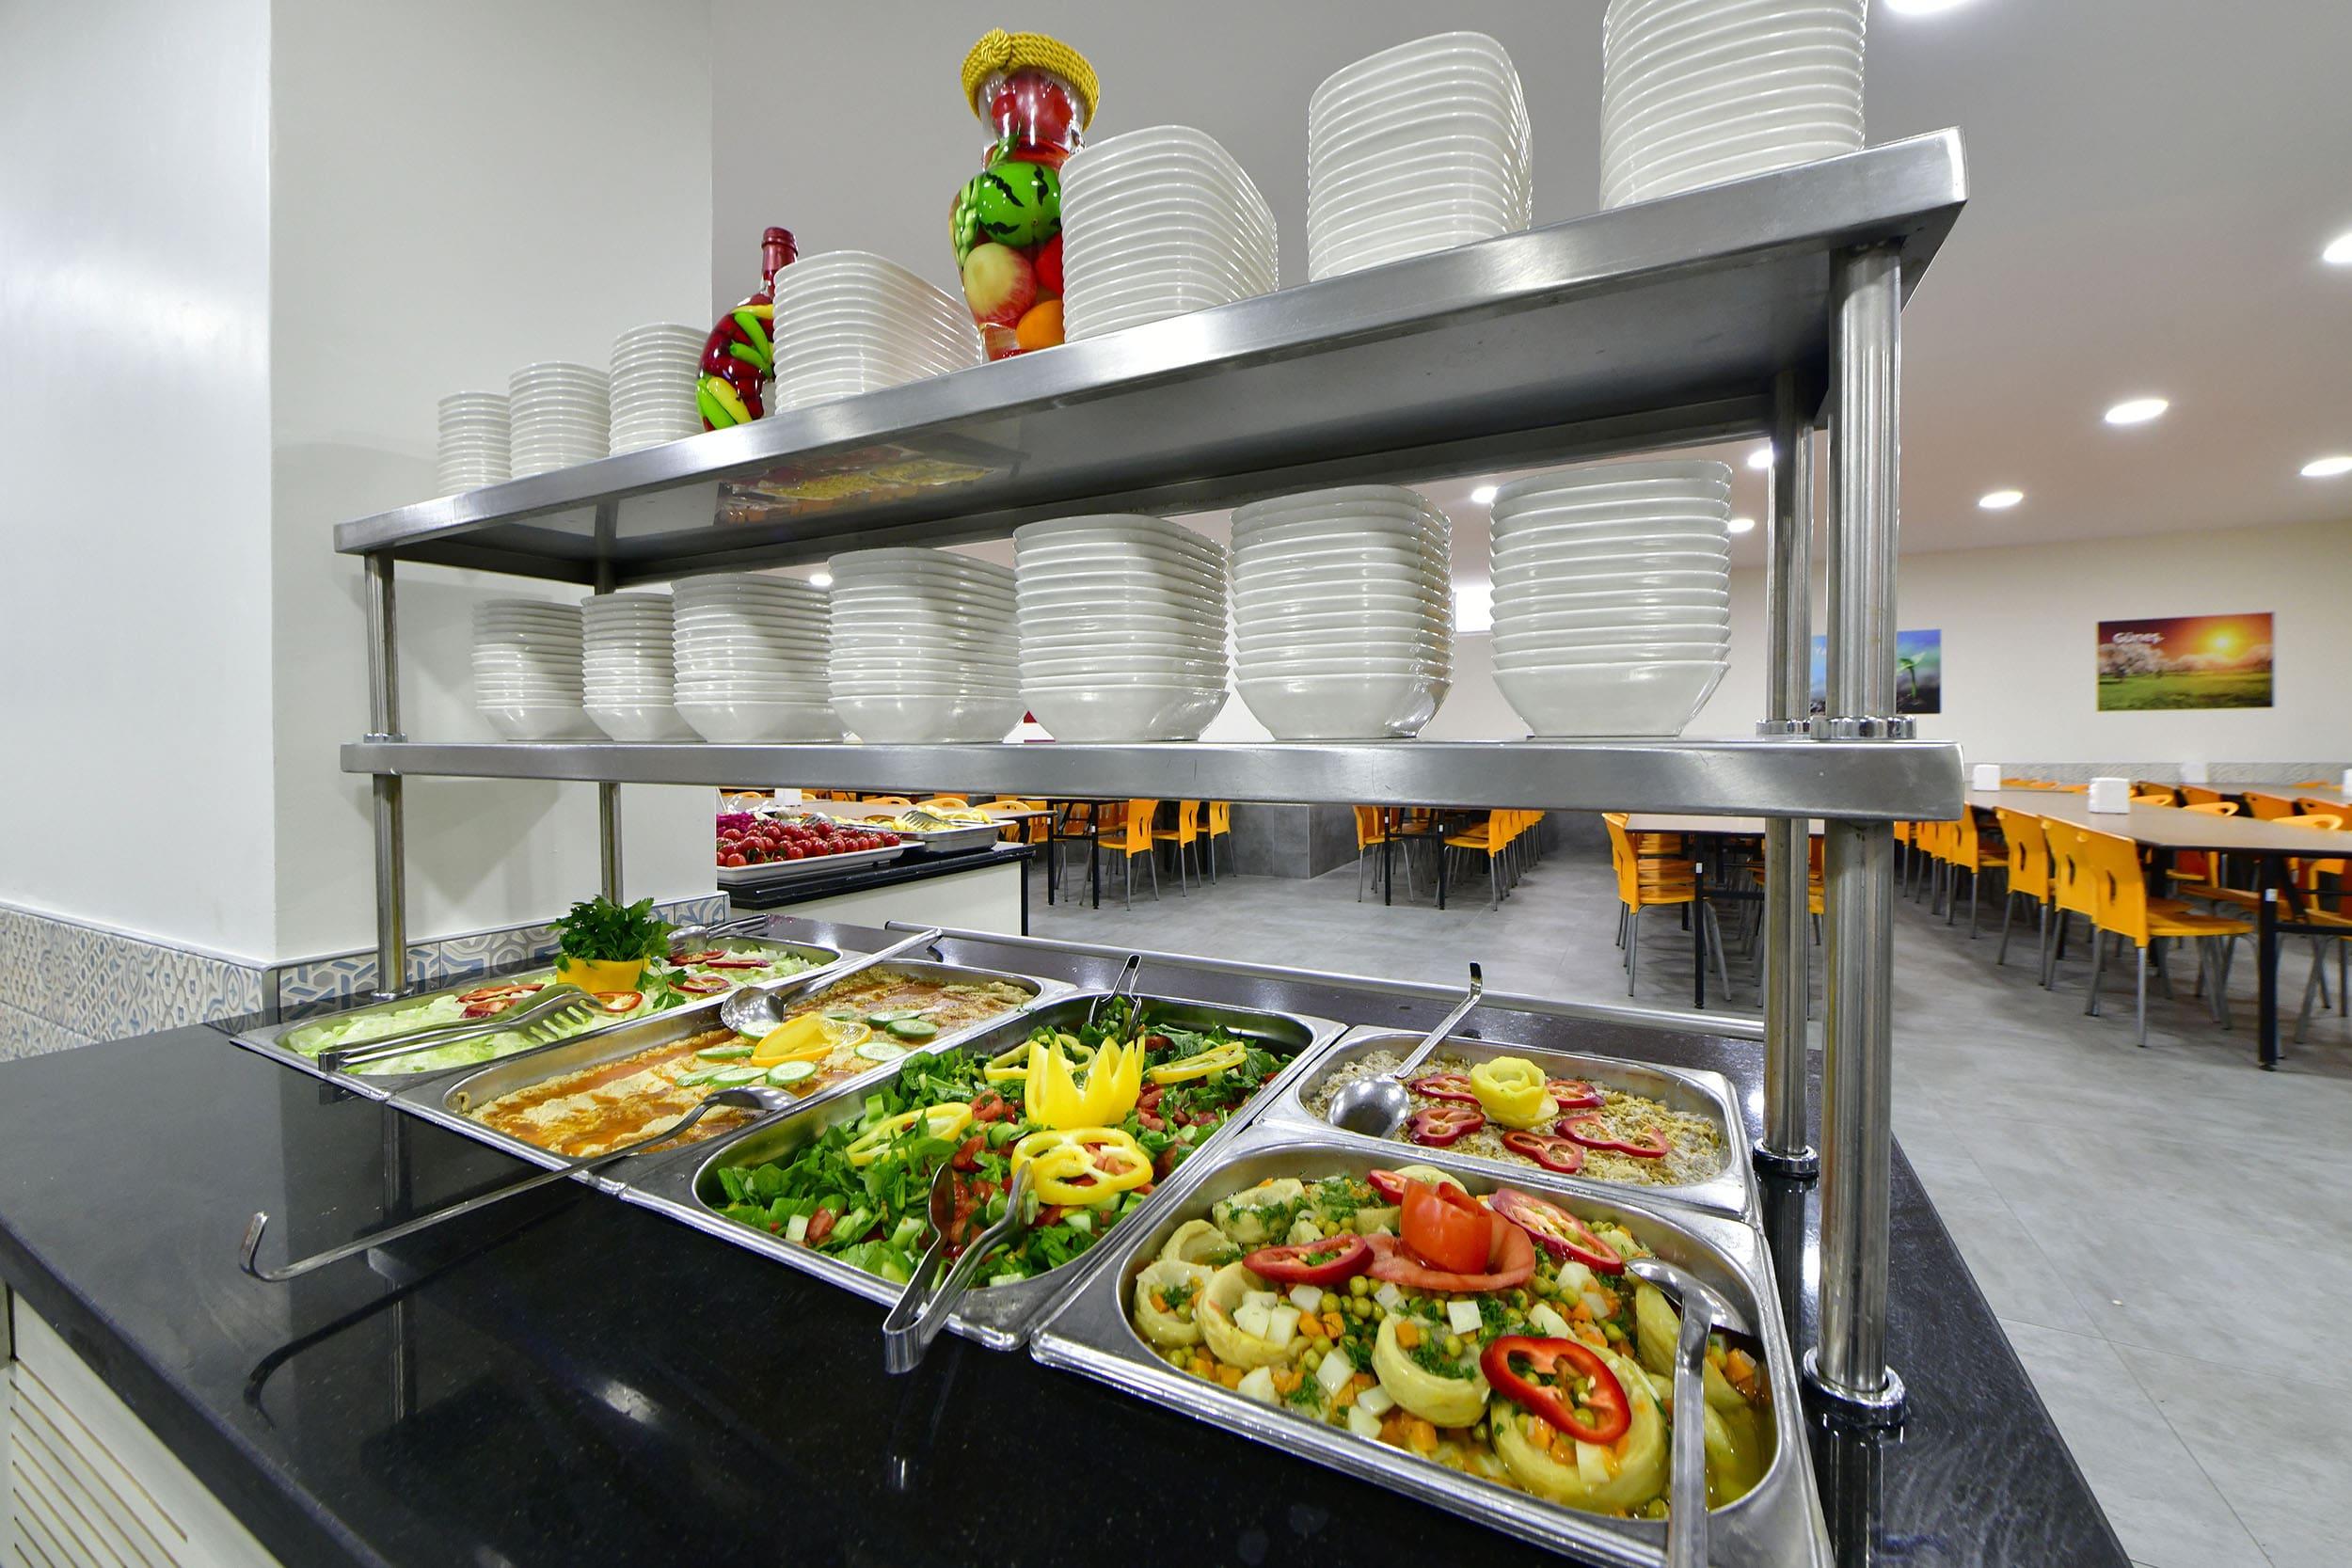 Asfa Eğitim Destek Hizmetleri Yemek Galeri 06